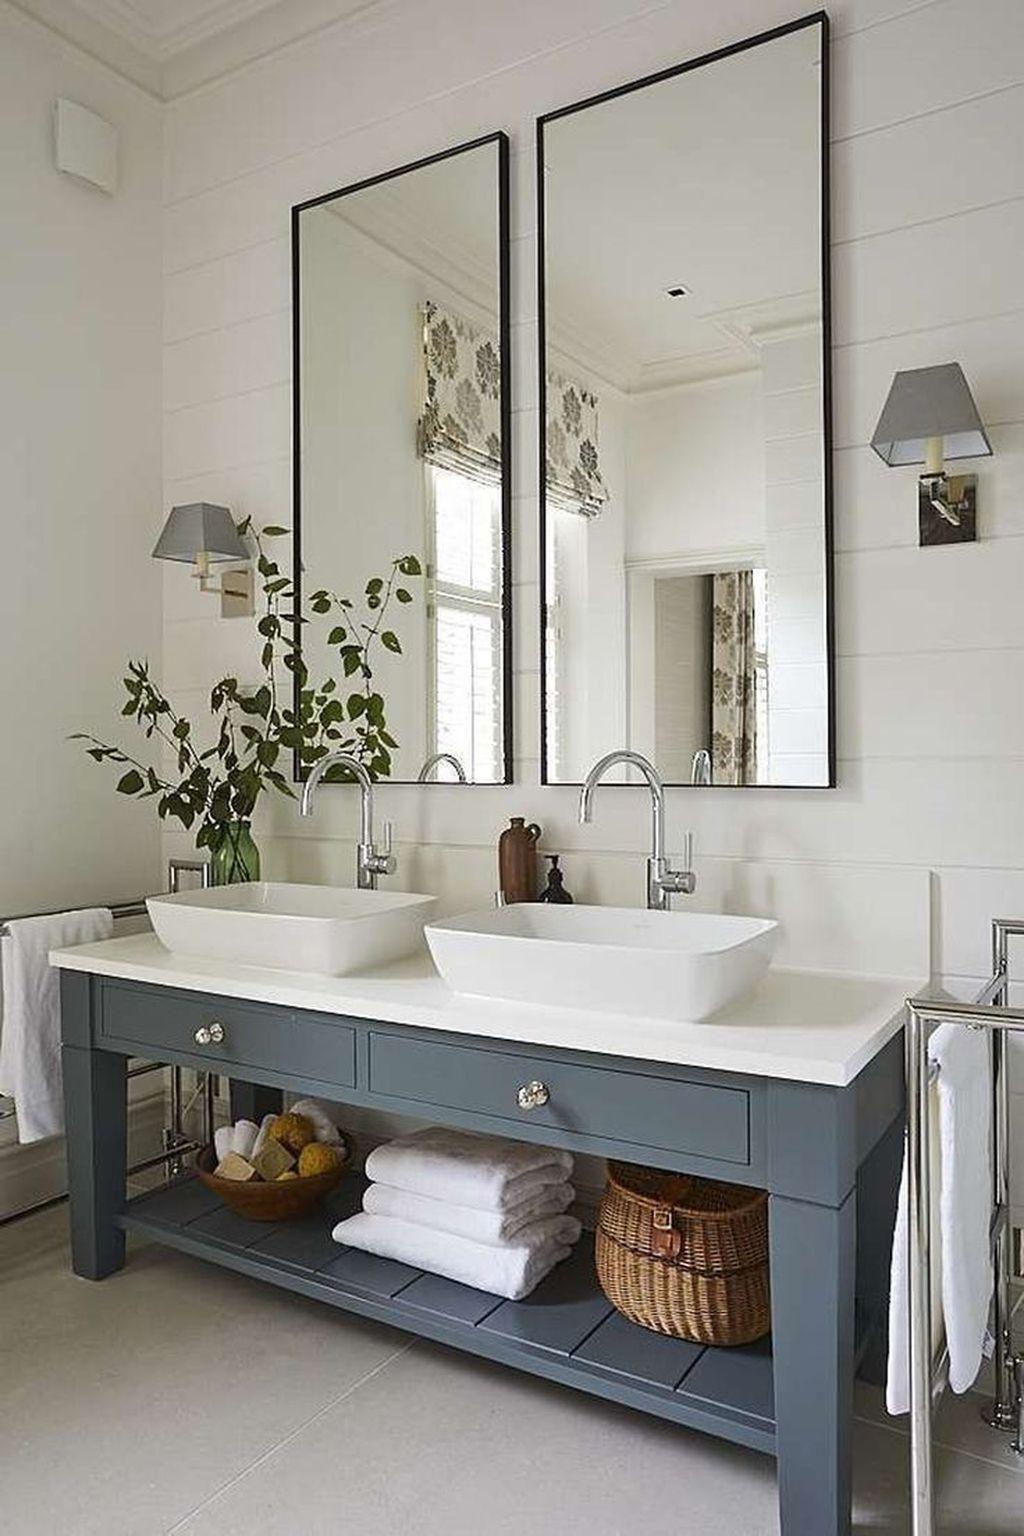 30 Fabulous Modern Farmhouse Bathroom Vanity Ideas Bathroom